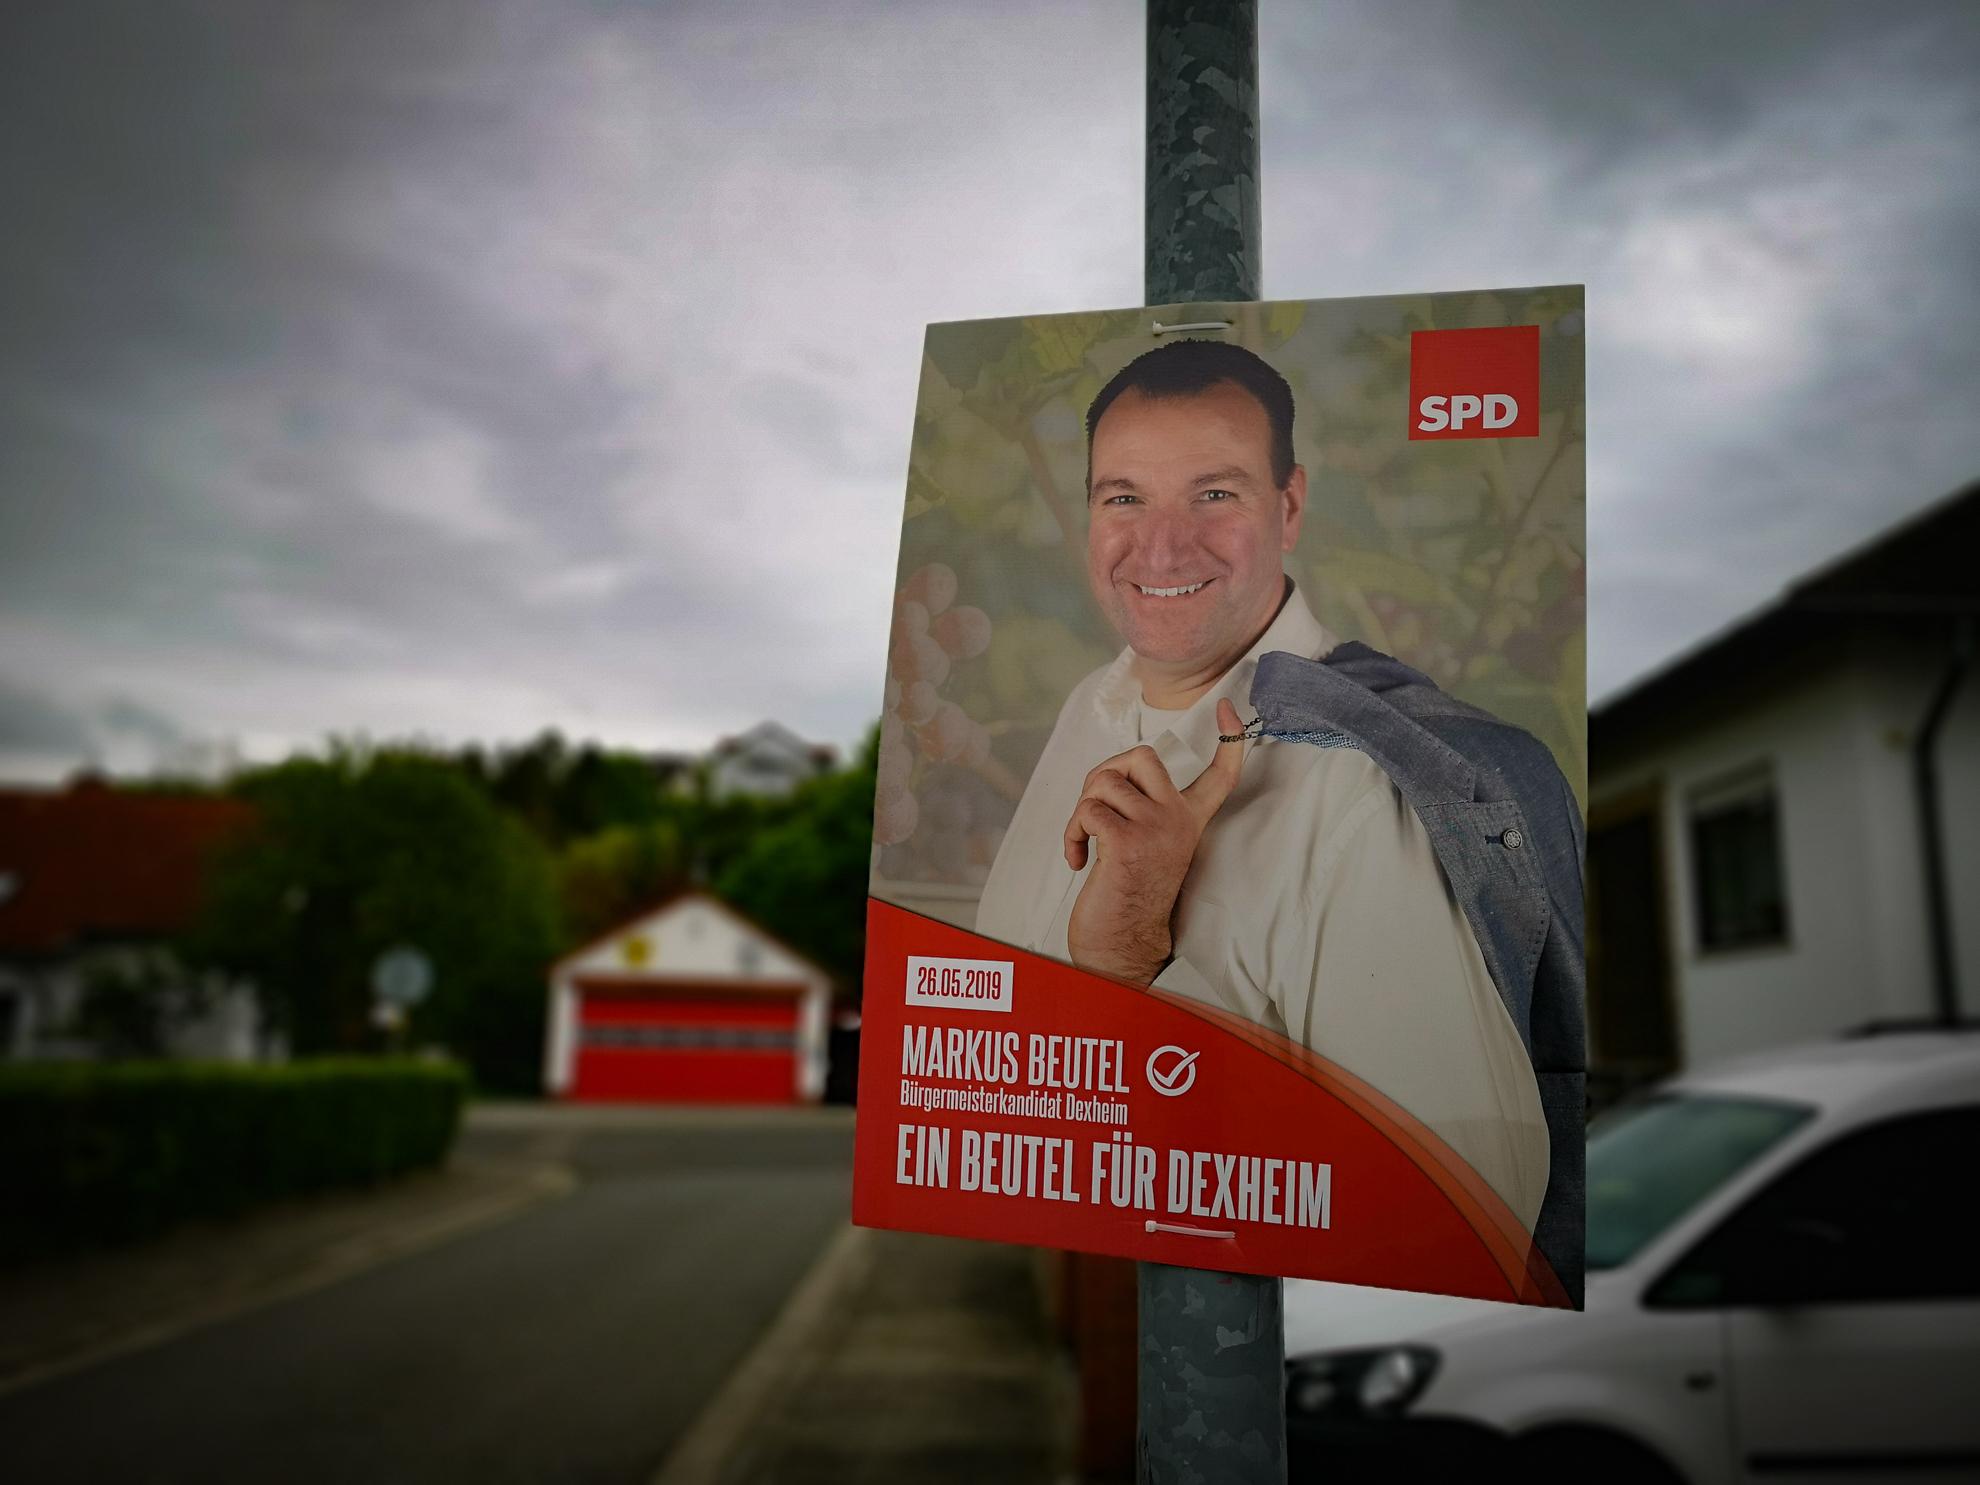 Kandidaten Fotos für die SPD Dexheim | Wahlkampffotografie